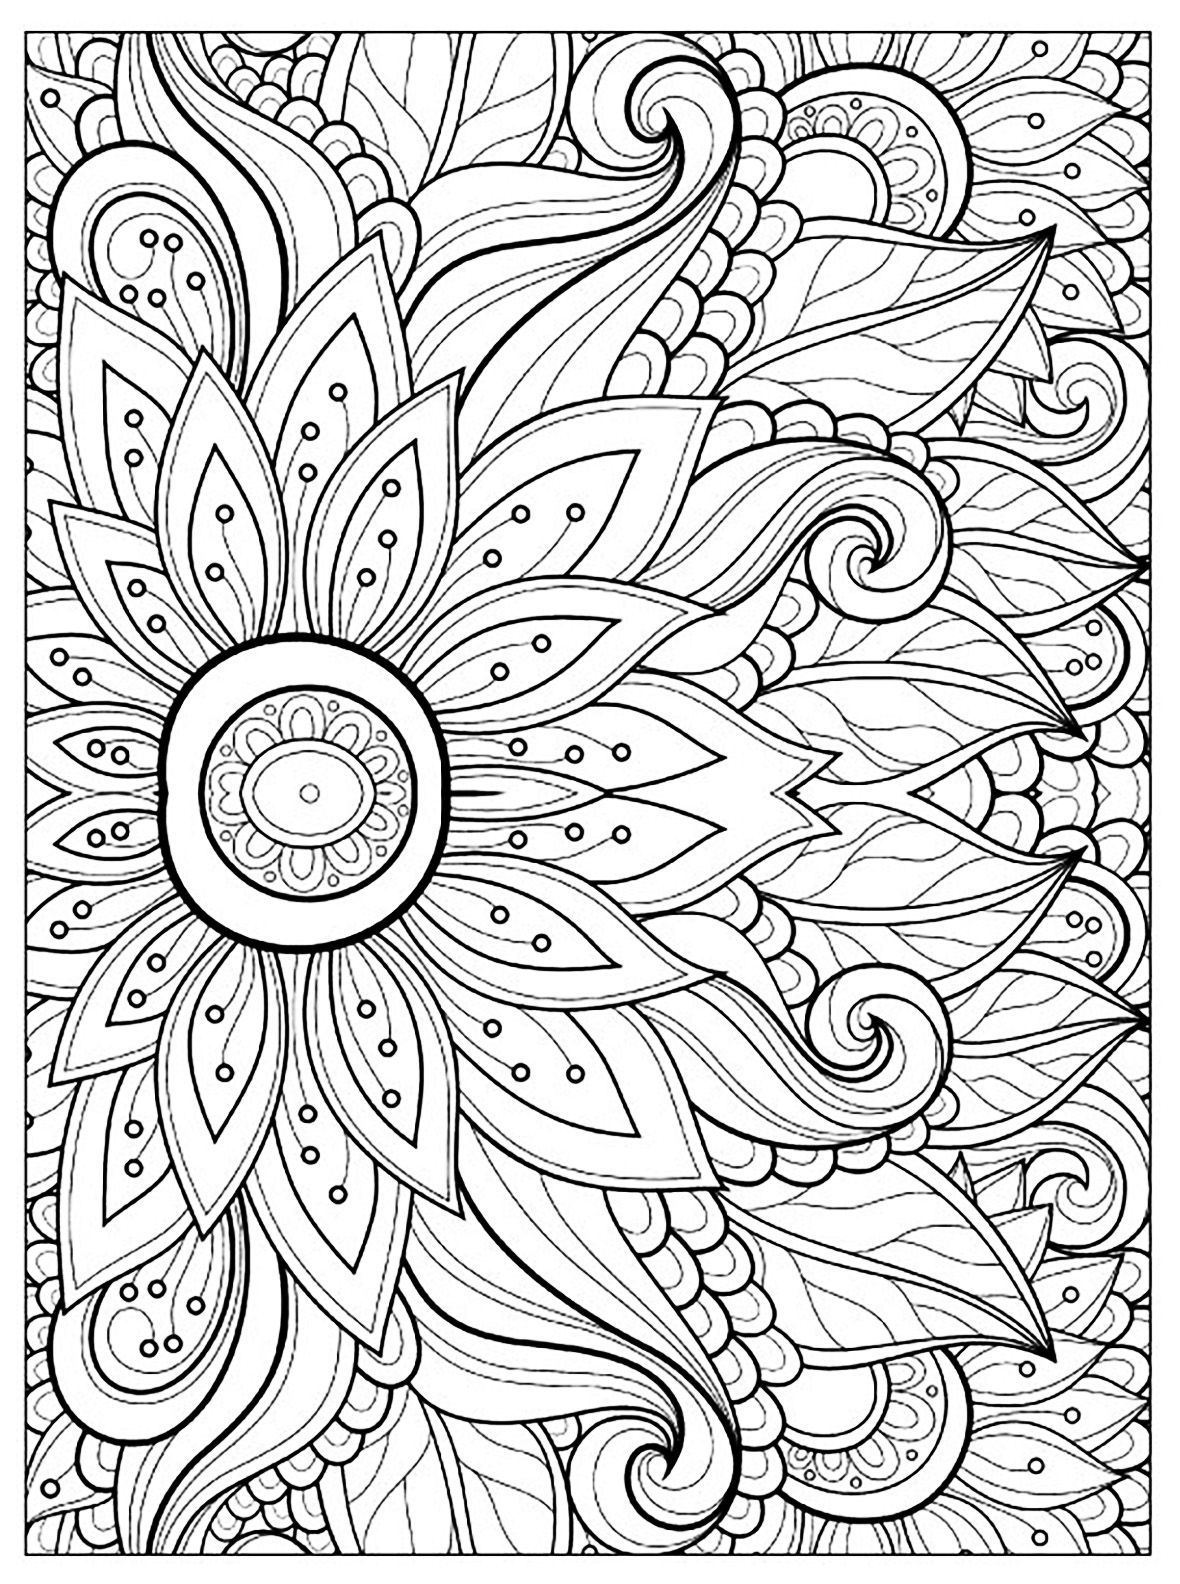 Disegni Fiori Da Colorare Per Adulti : disegni, fiori, colorare, adulti, Flower, Color, Harmonious, Petals,, Gallery, Flowe…, Disegni, Colorare, Astratti,, Pagine, Mandala,, Adulti